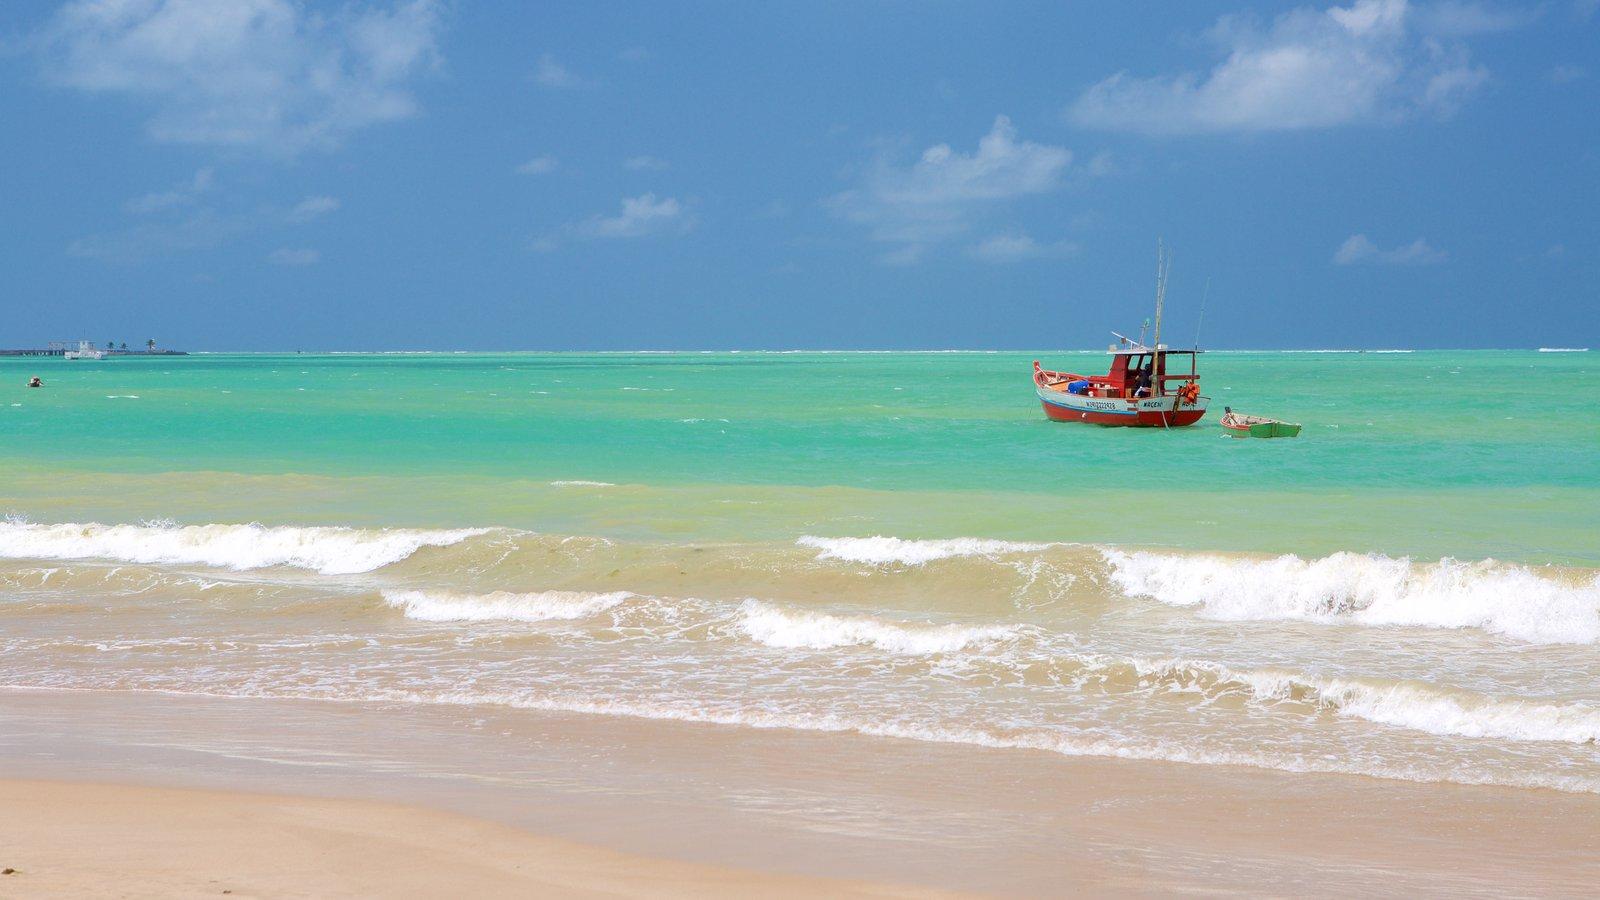 Praia de Pajuçara mostrando pesca, uma praia e canoagem